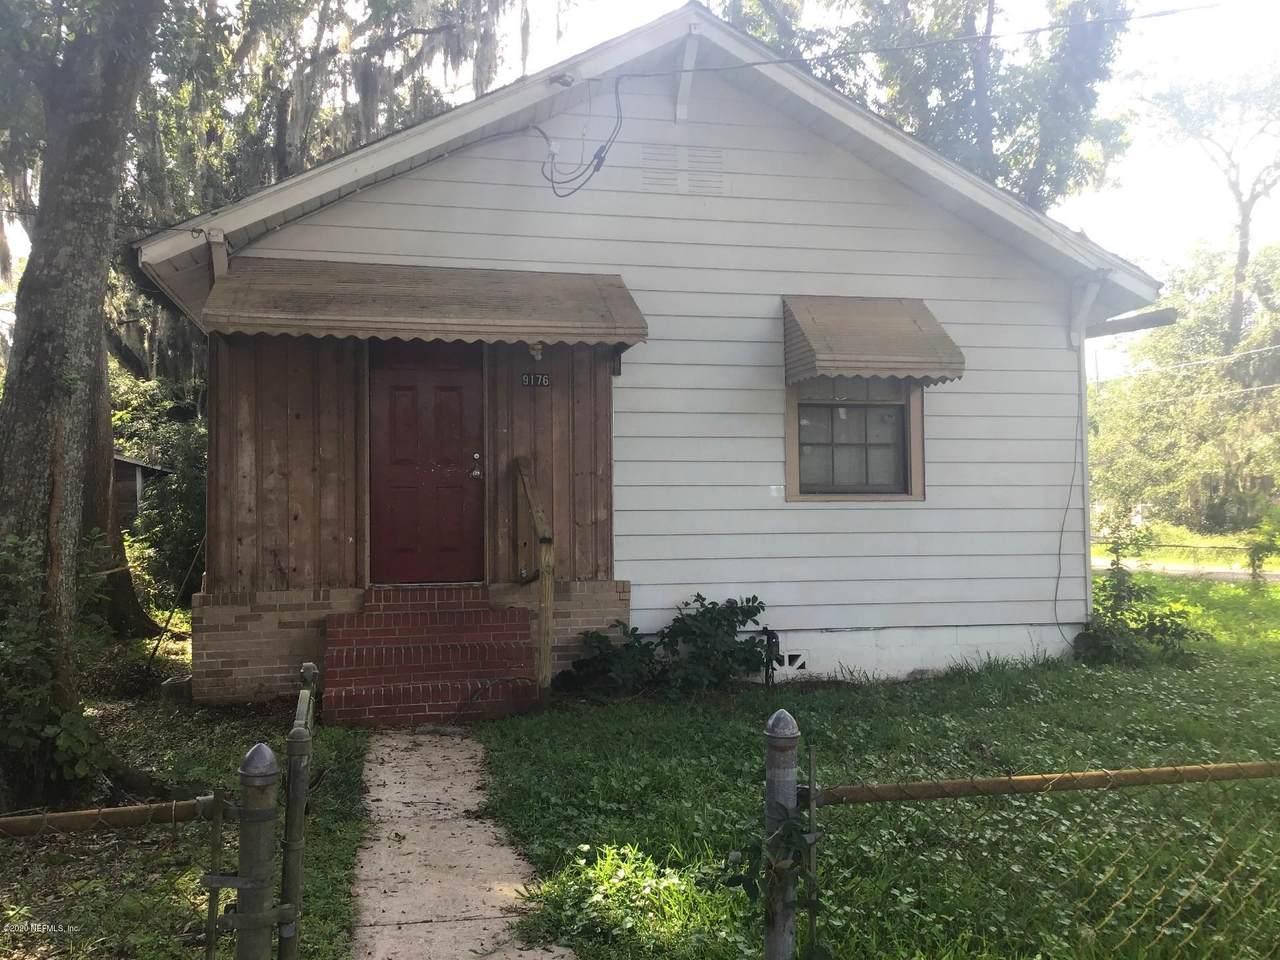 9176 Madison Ave - Photo 1